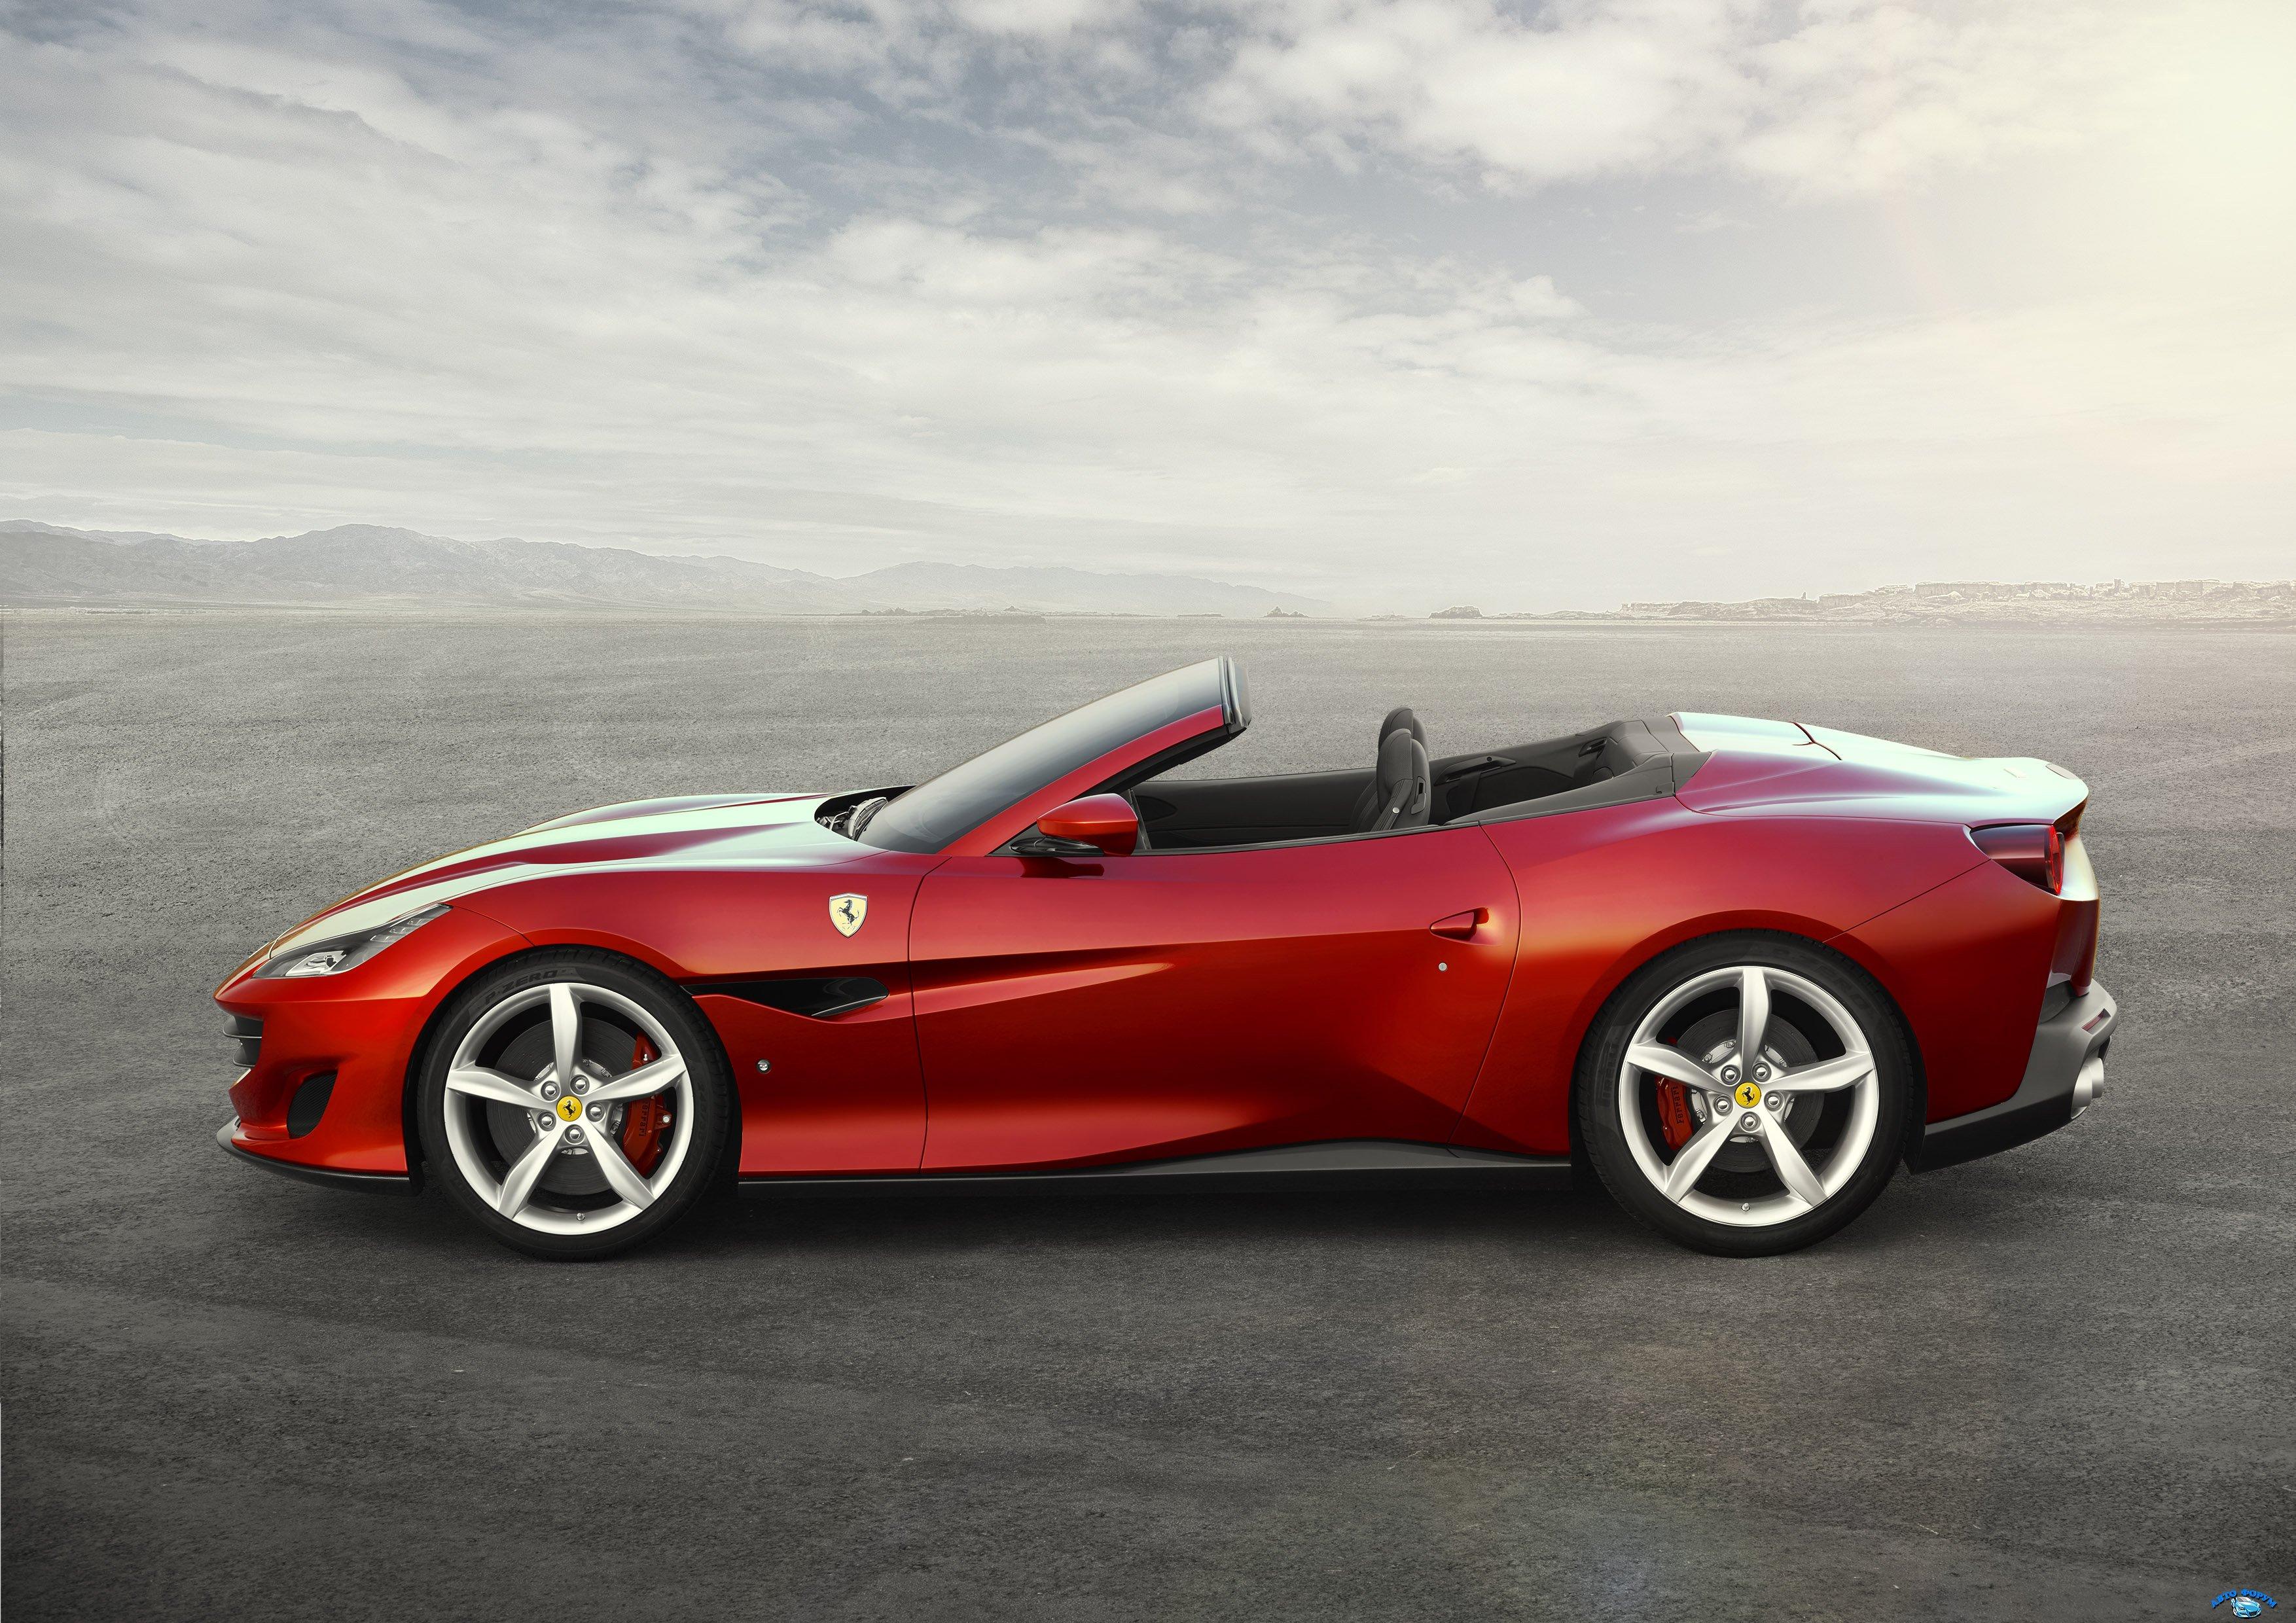 2017_Ferrari_Portofino_005_9325.jpg